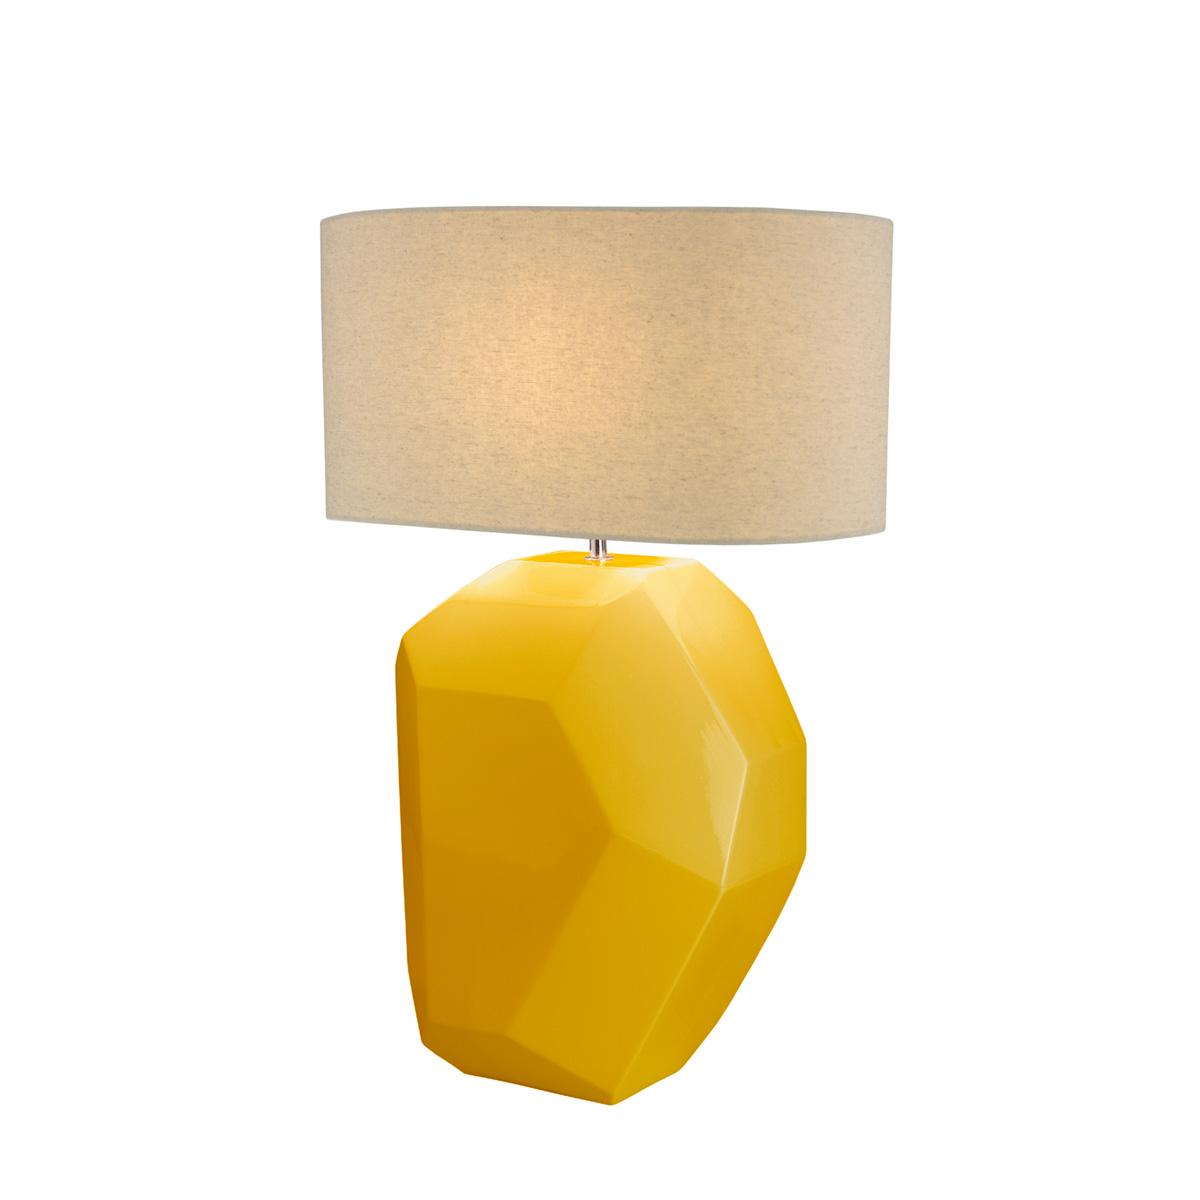 Επιτραπέζια κίτρινη κεραμική λάμπα WHIPPLE yellow ceramic table lamp